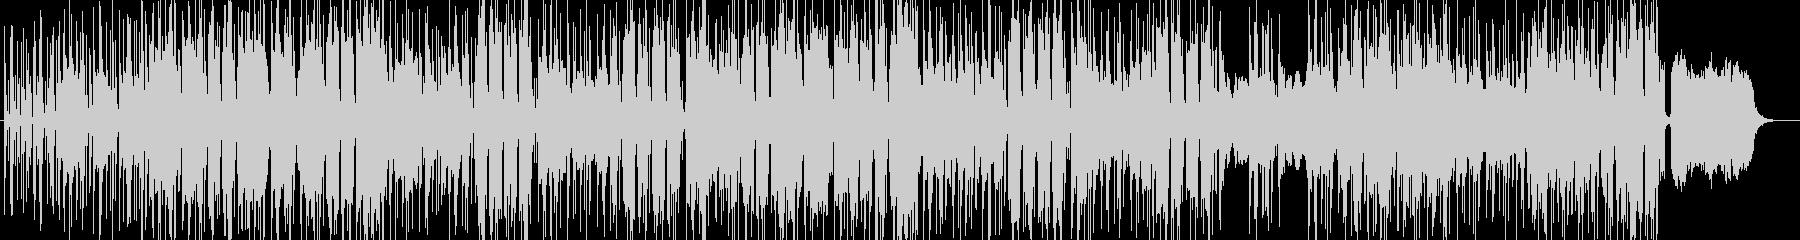 ヒップホップ版ハレルヤ ラップの未再生の波形